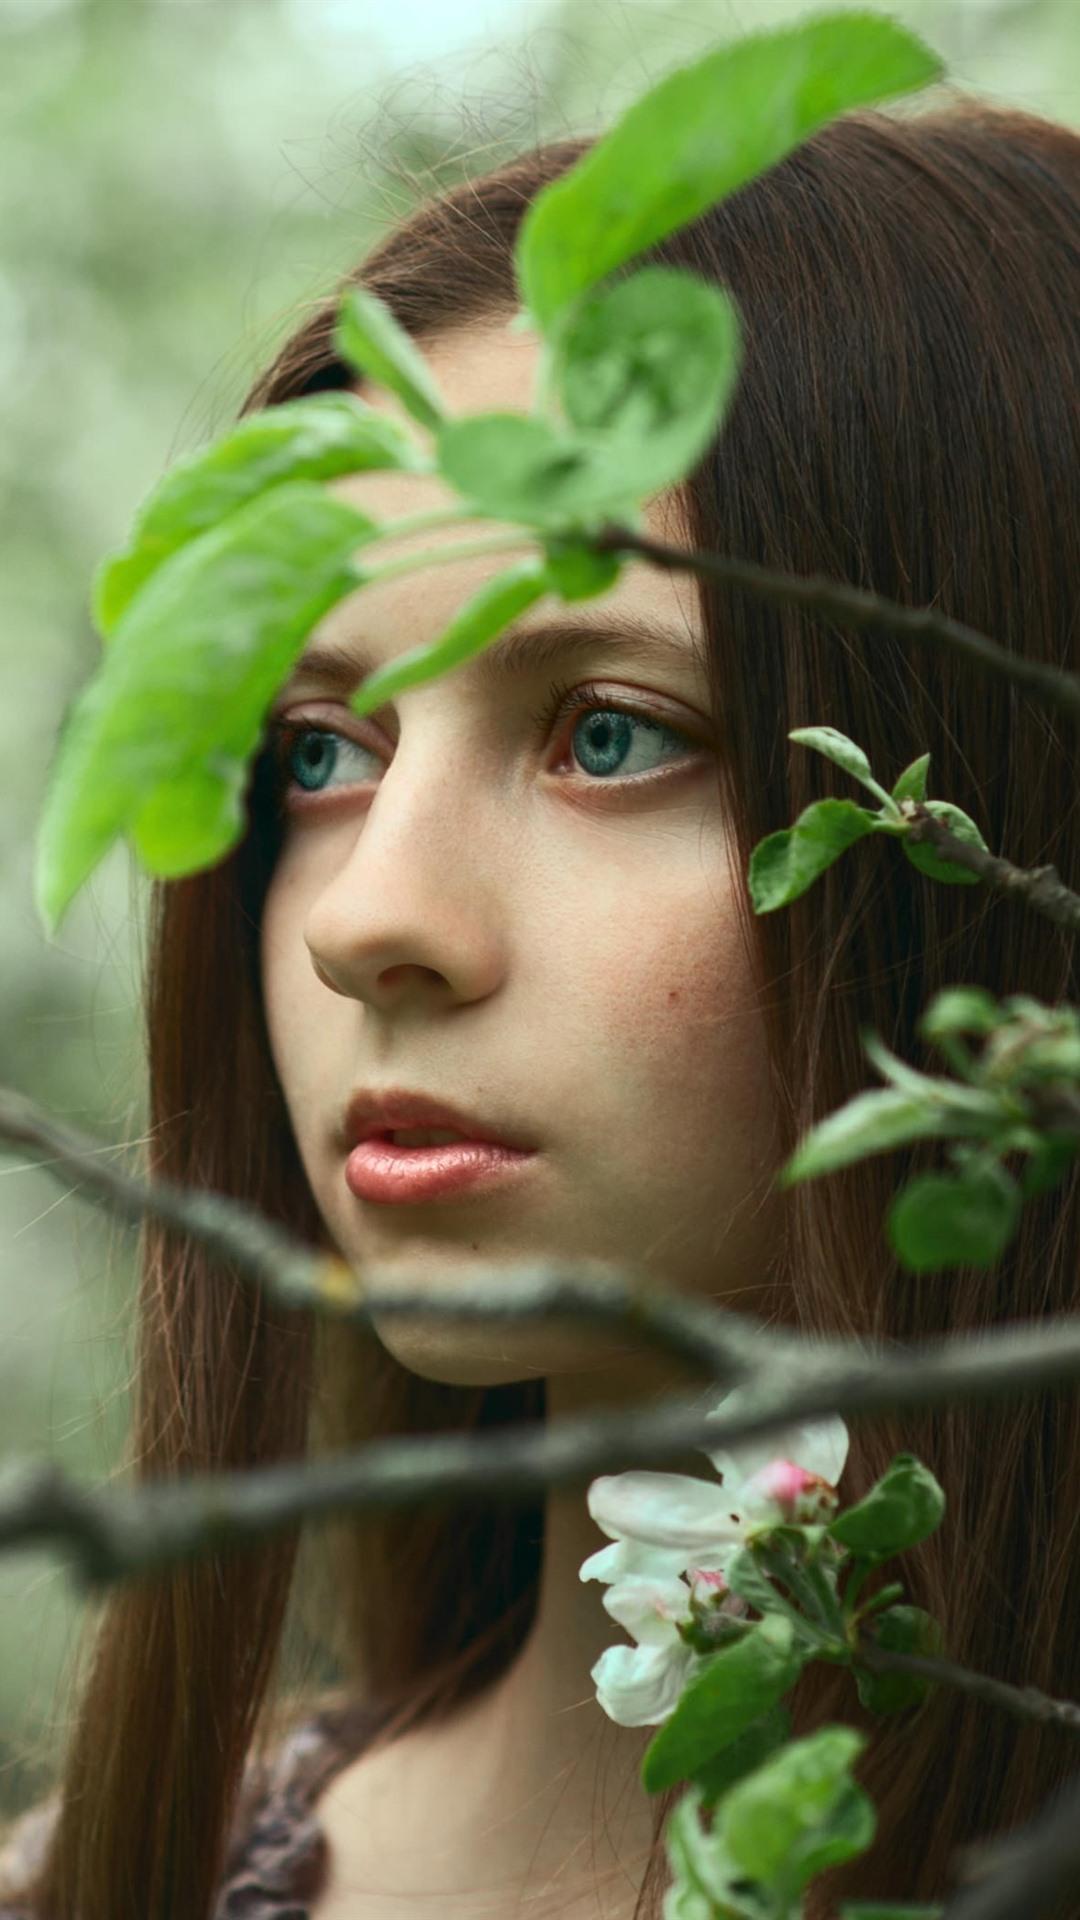 Haare grüne augen mädchen braune Mädchen braune